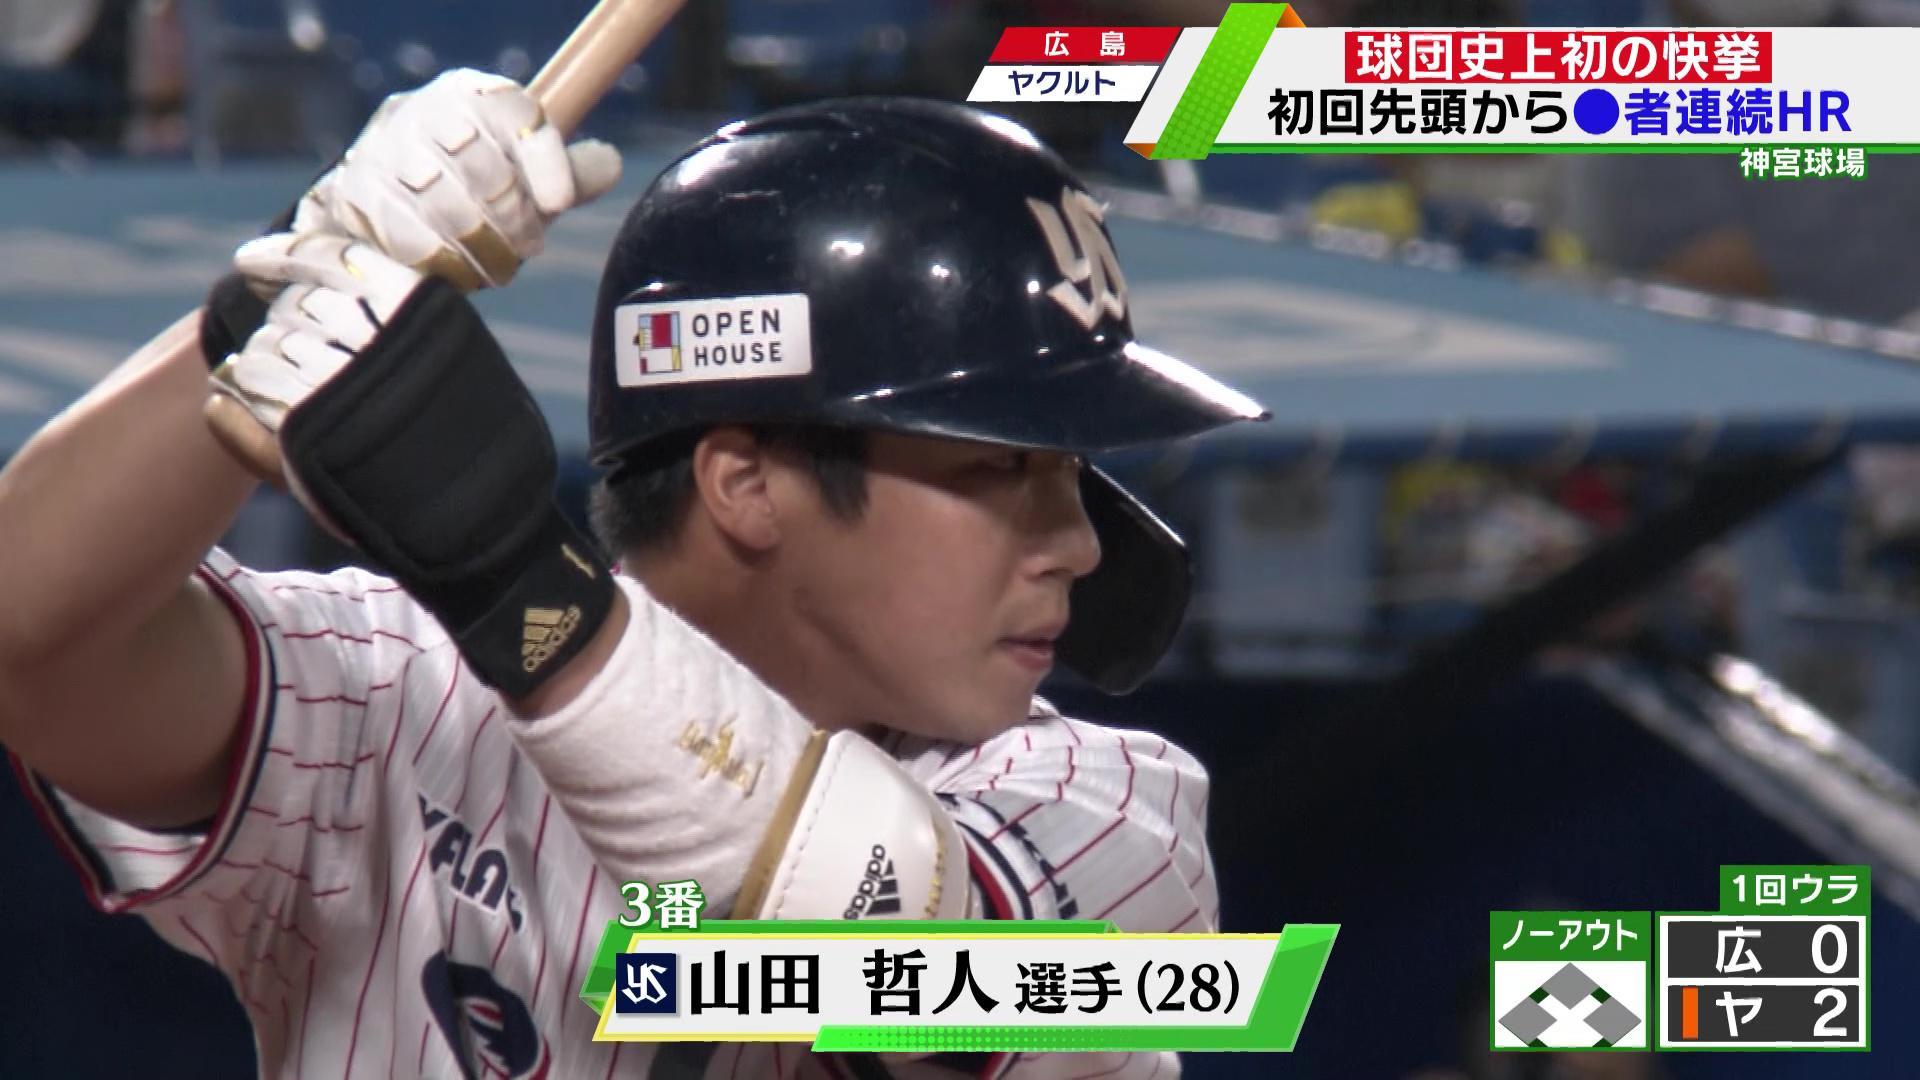 【ヤクルト】球団史上初!初回先頭から濱田・青木・山田哲の3者連続本塁打